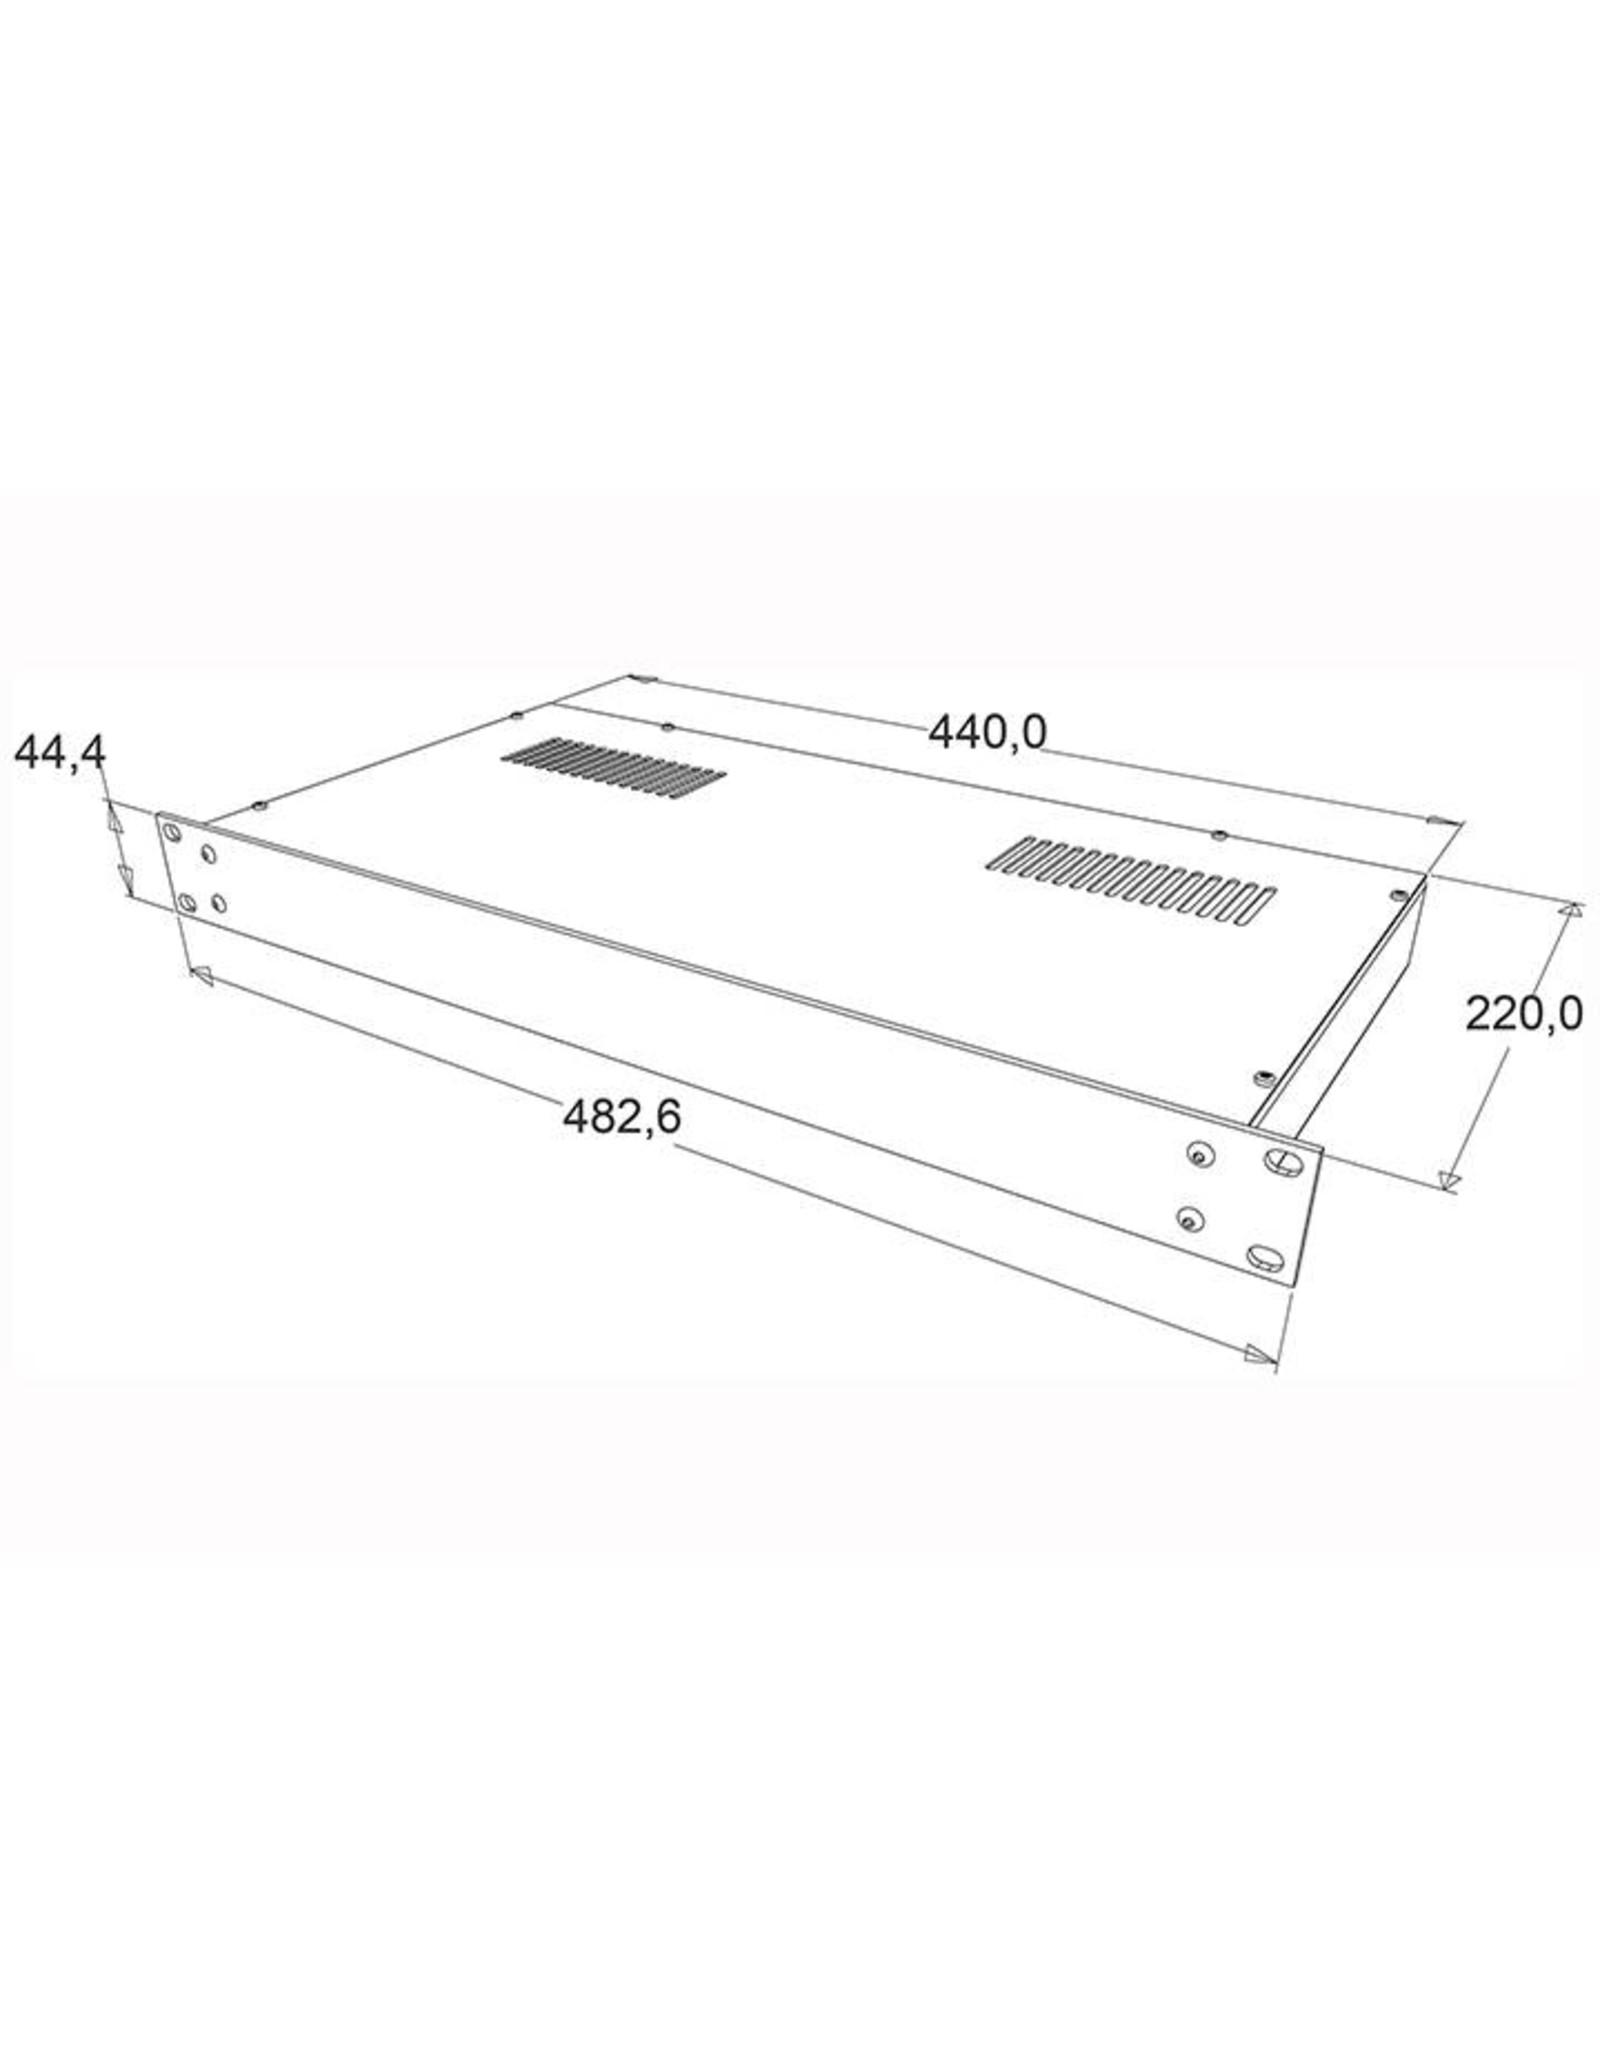 Penn Elcom Penn Elcom 19 inch kast + frontplaat, 1 HE, 220 mm diep